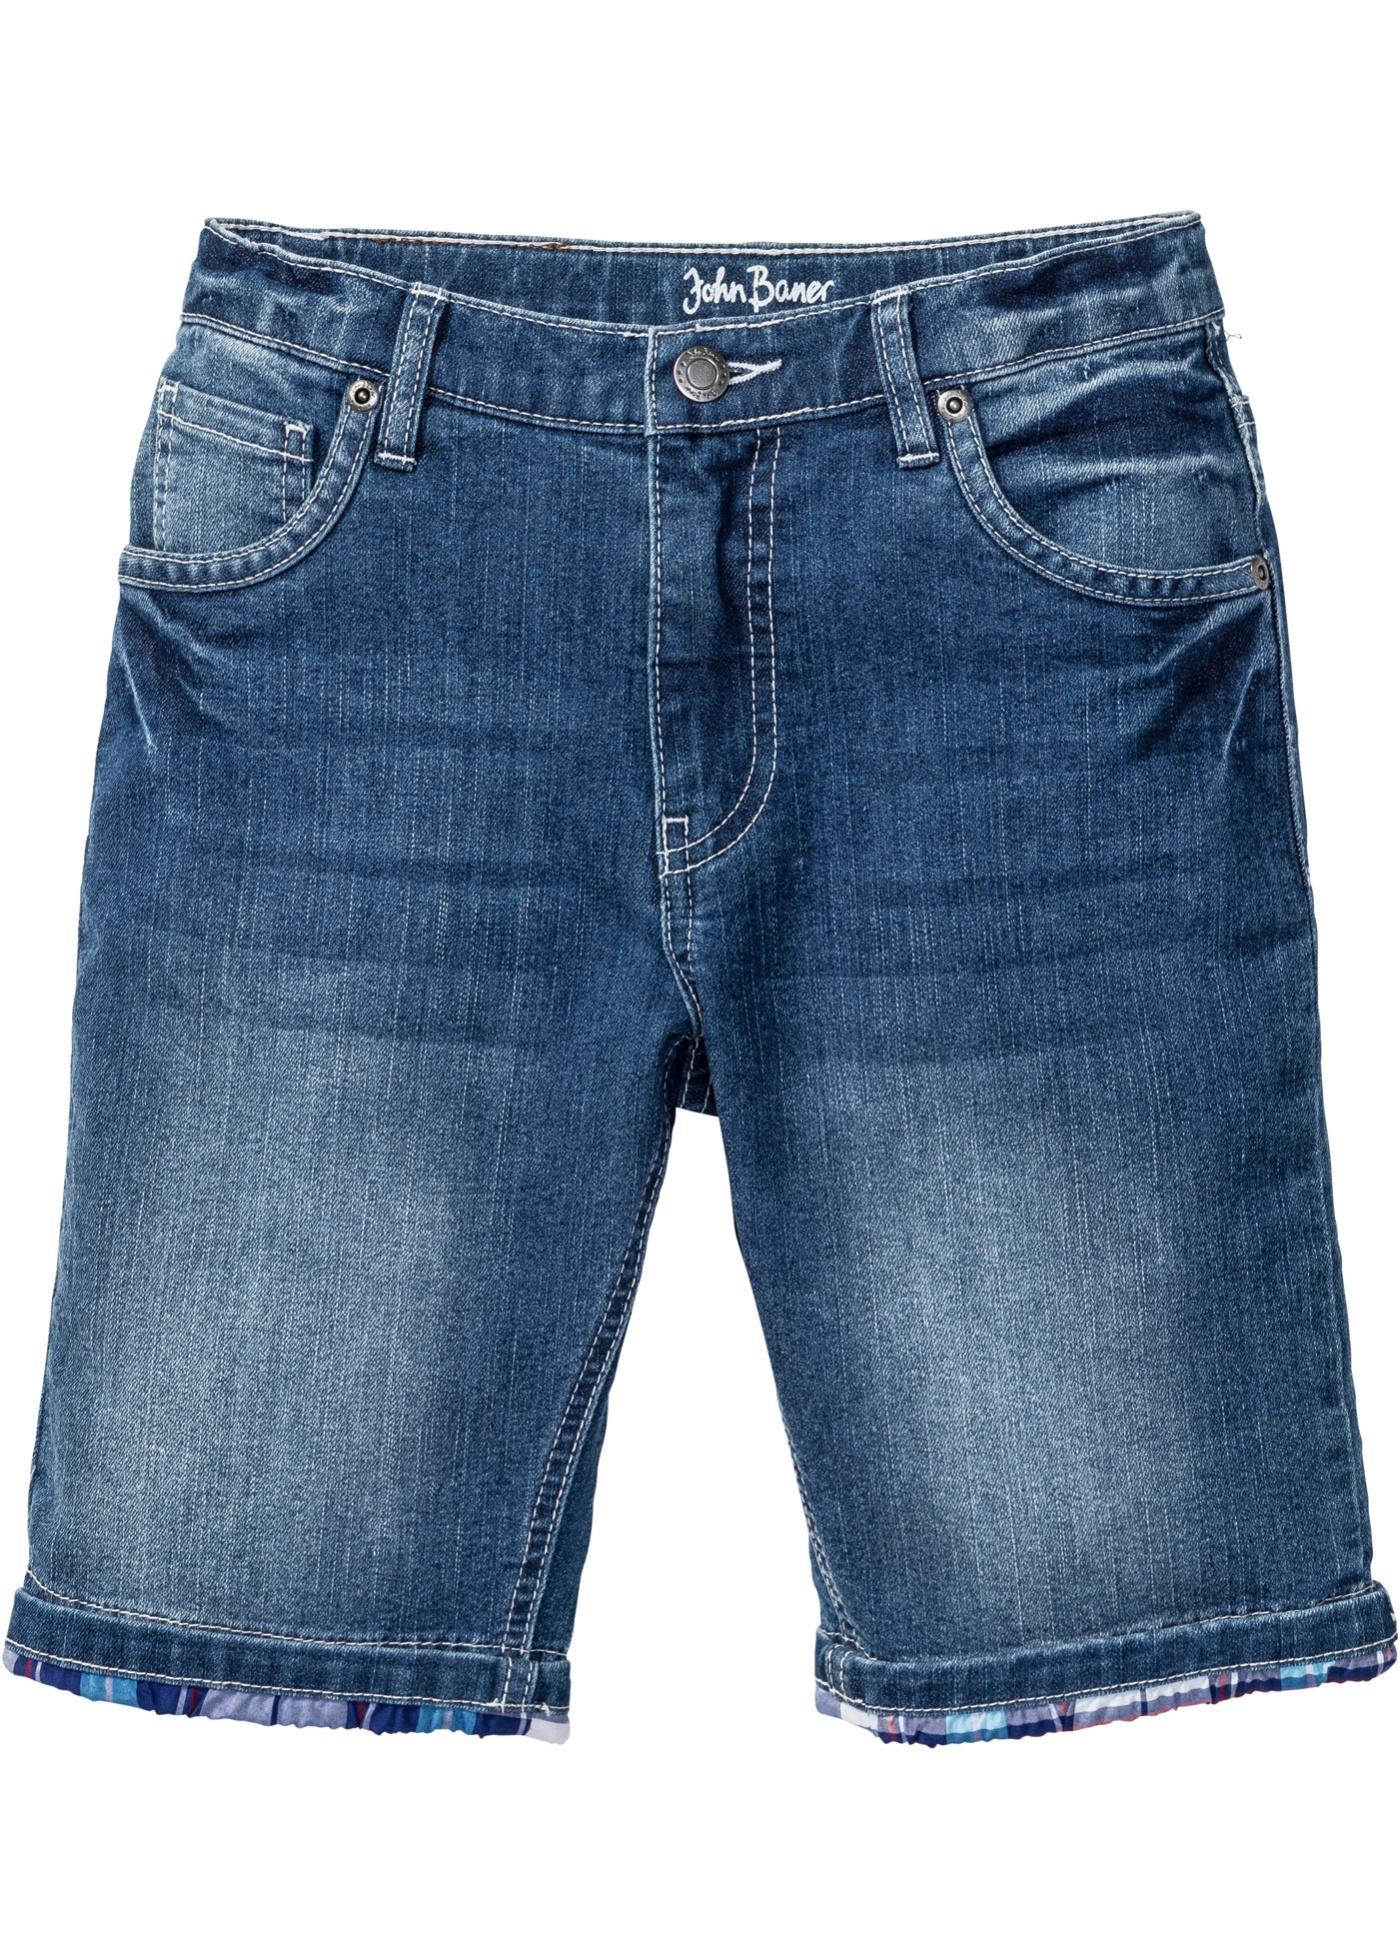 Bermuda di jeans con risvolto a quadri (Blu) - John Baner JEANSWEAR